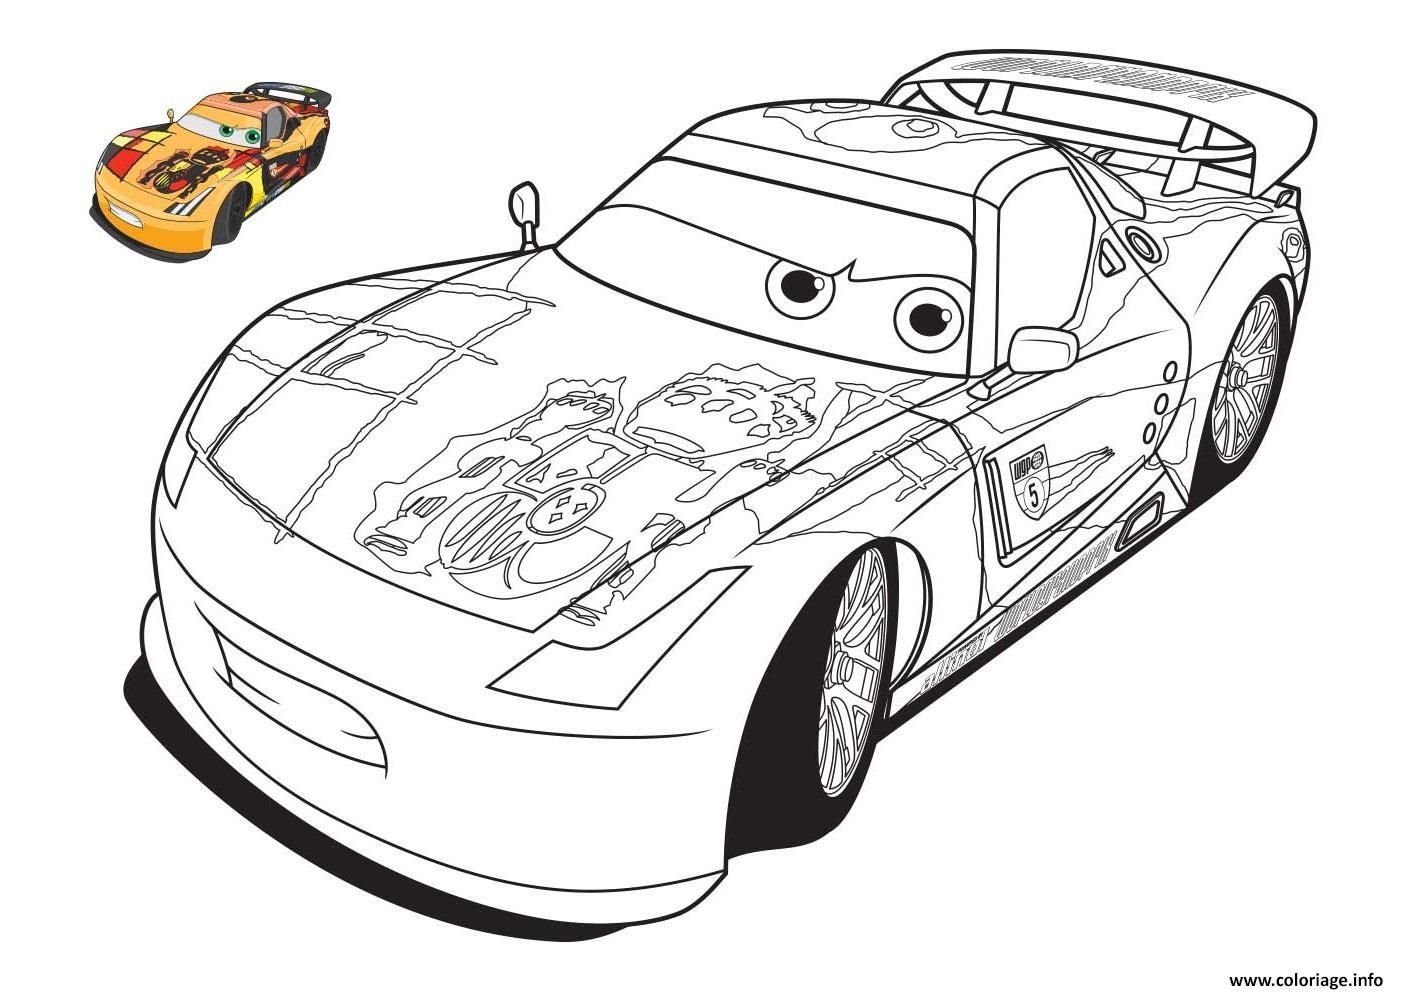 Coloriage cars 2 miguel camilo voiture course - Dessiner voiture de course ...